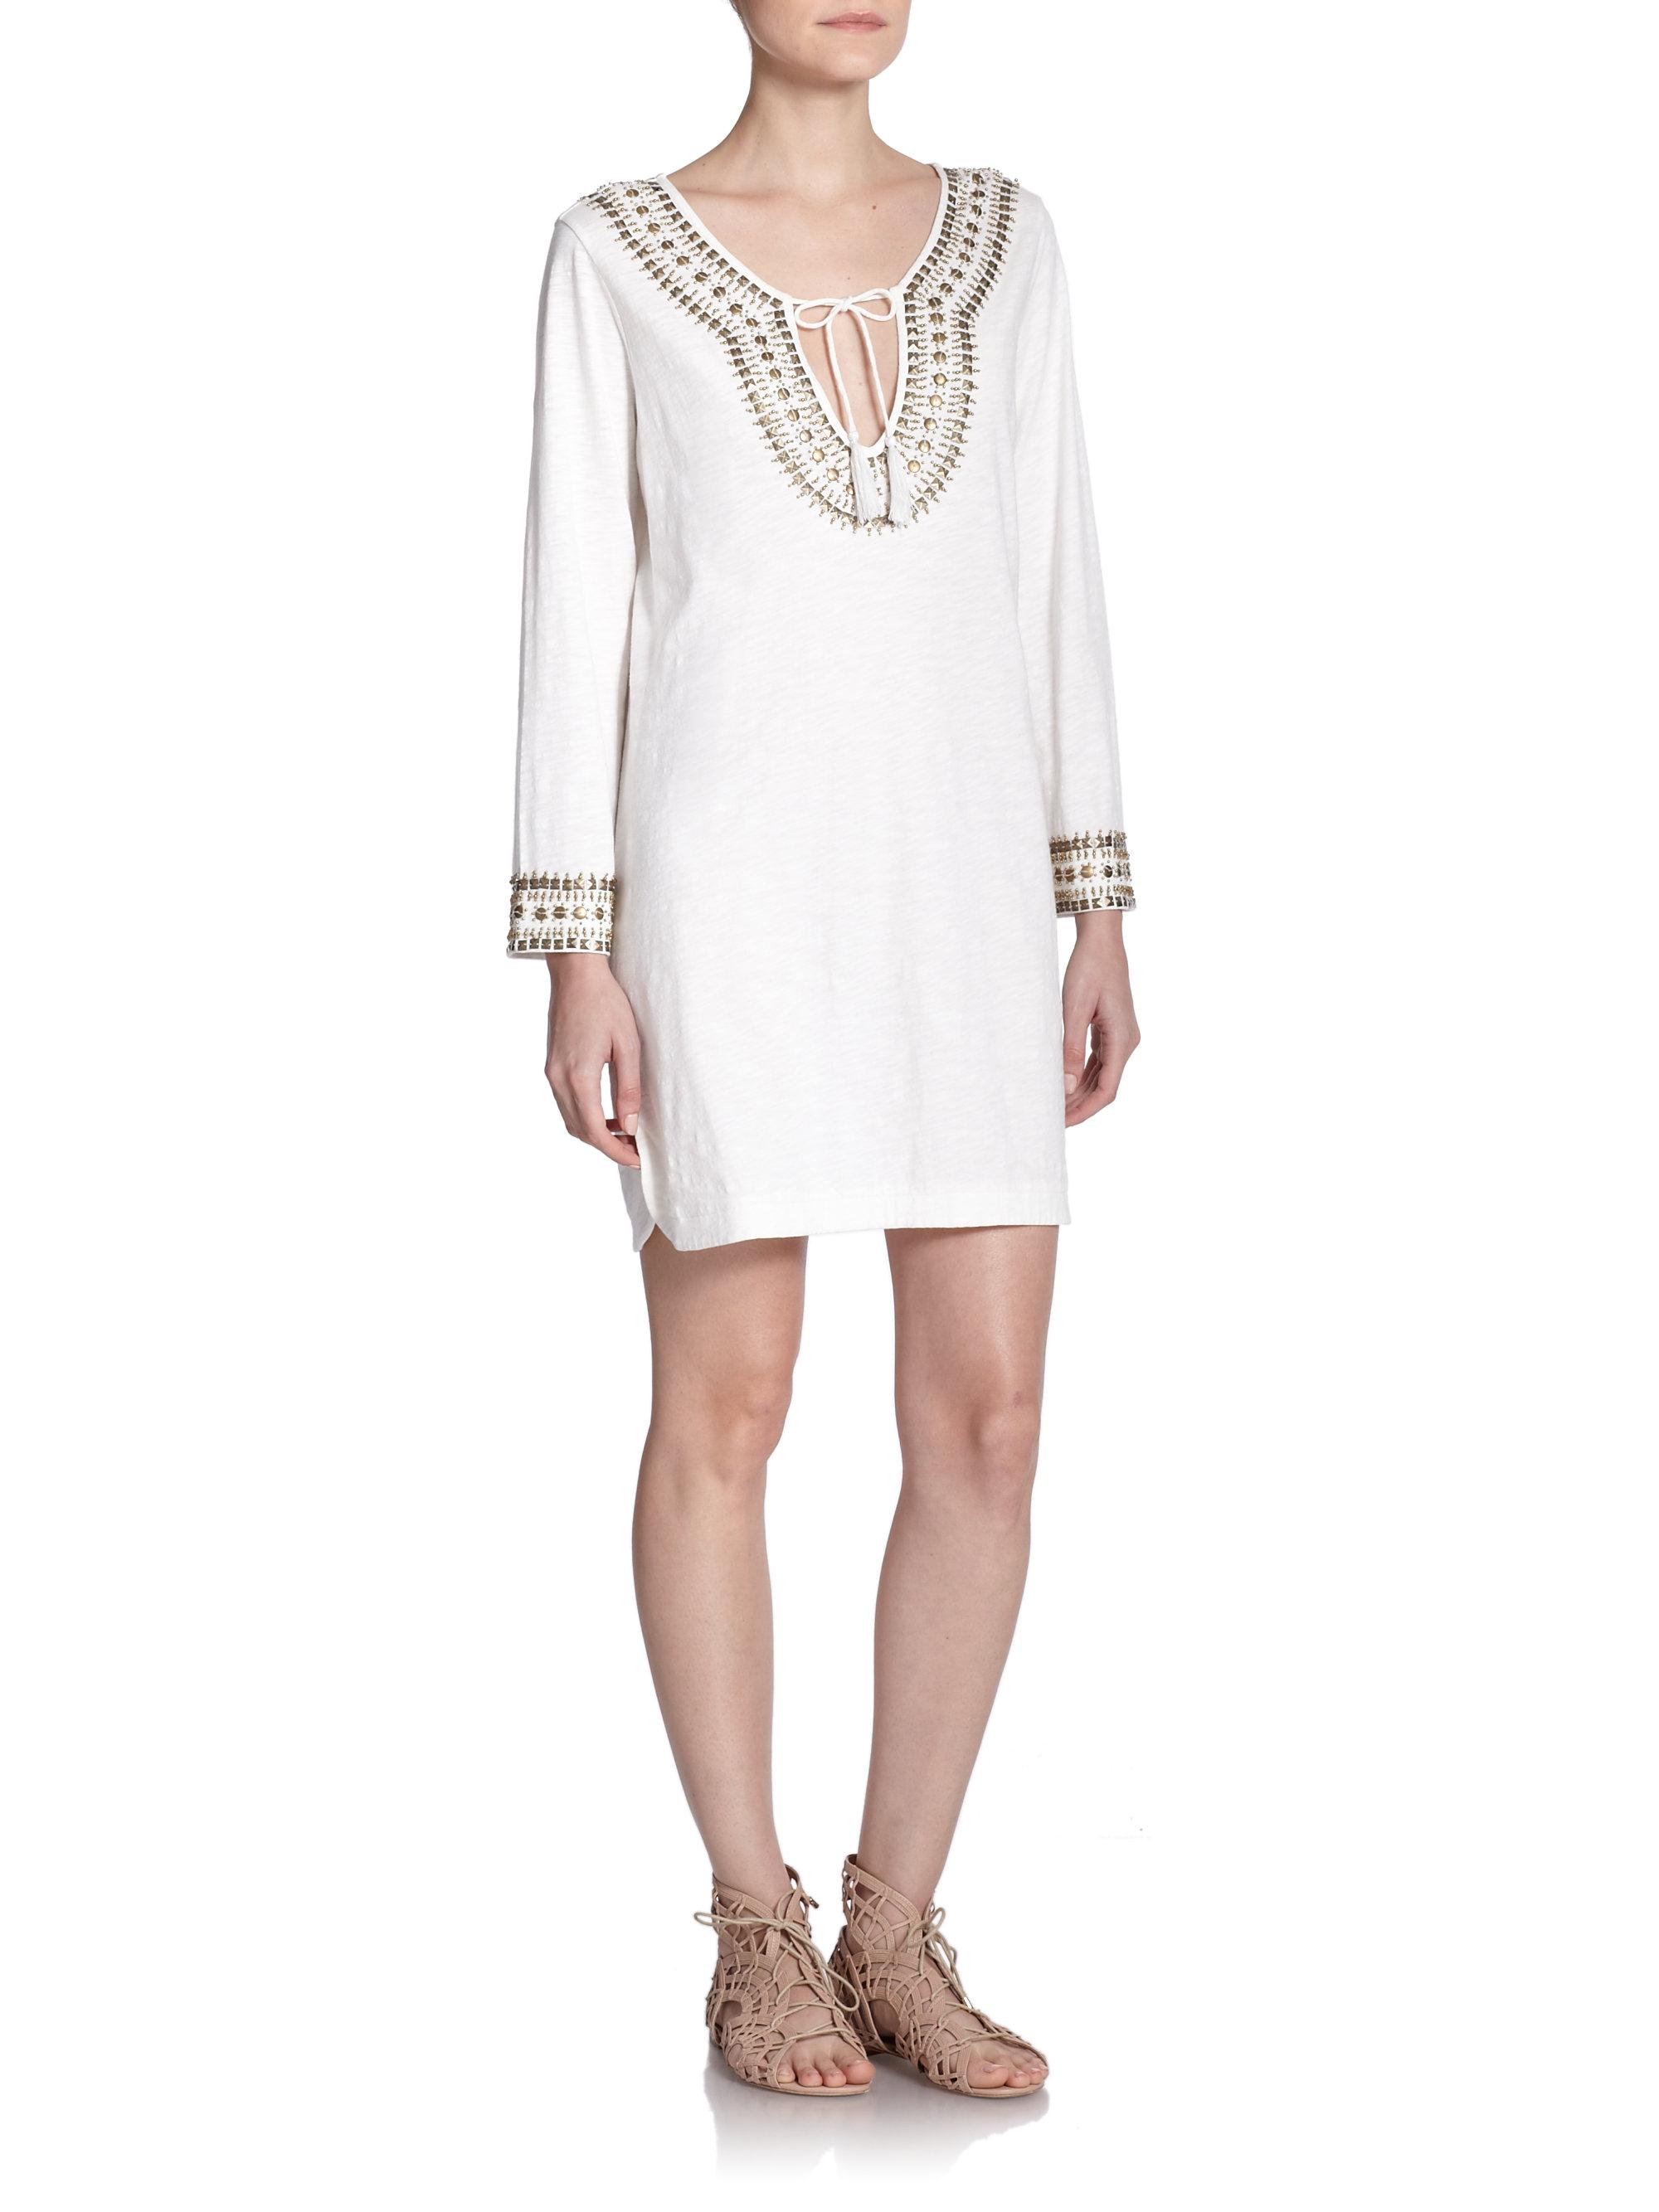 White beaded tunic dress